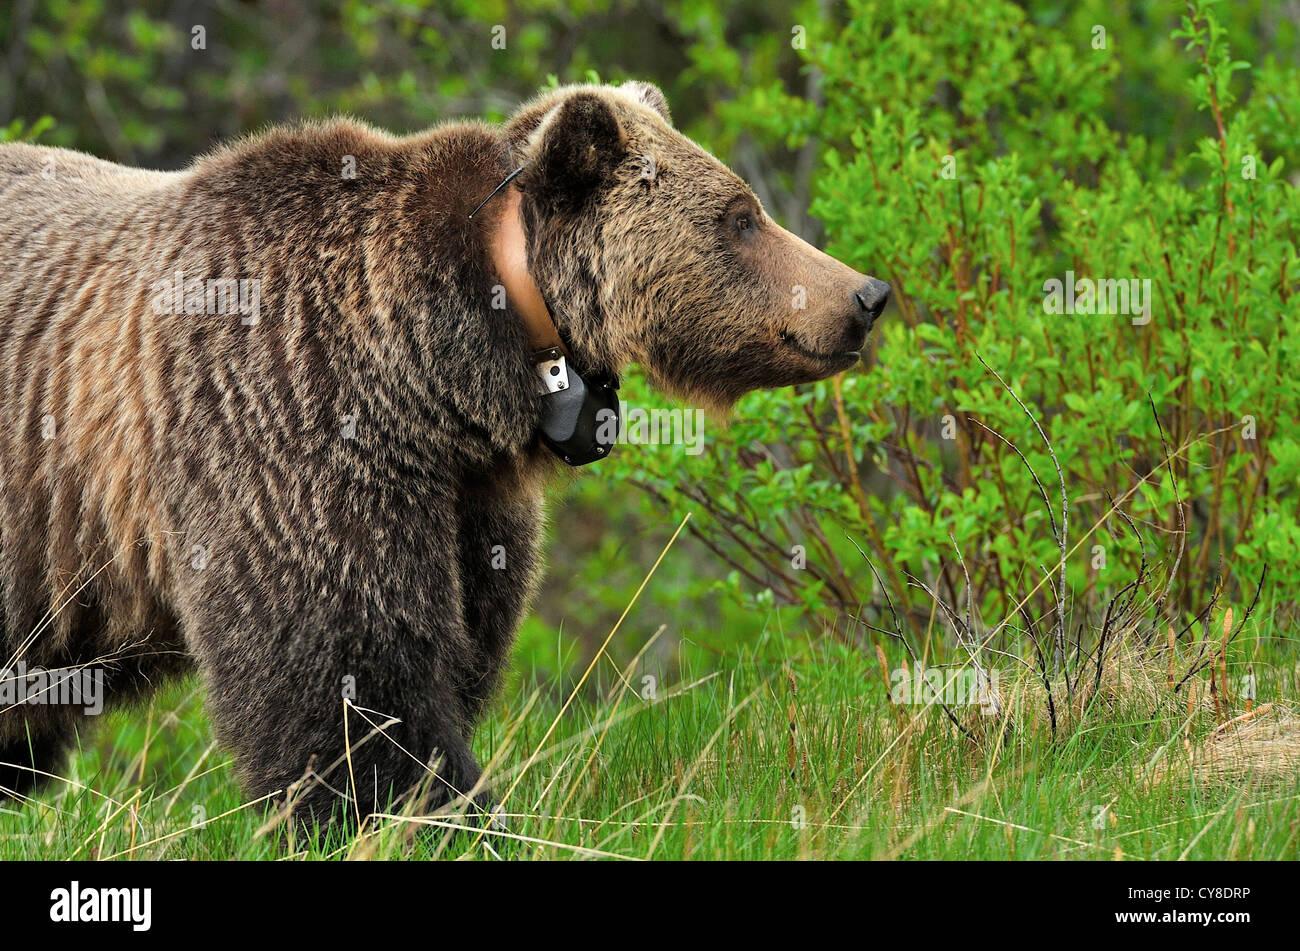 Eine Seitenansicht eines wild Grizzly-Bären mit einem Tracking-Kragen. Stockbild